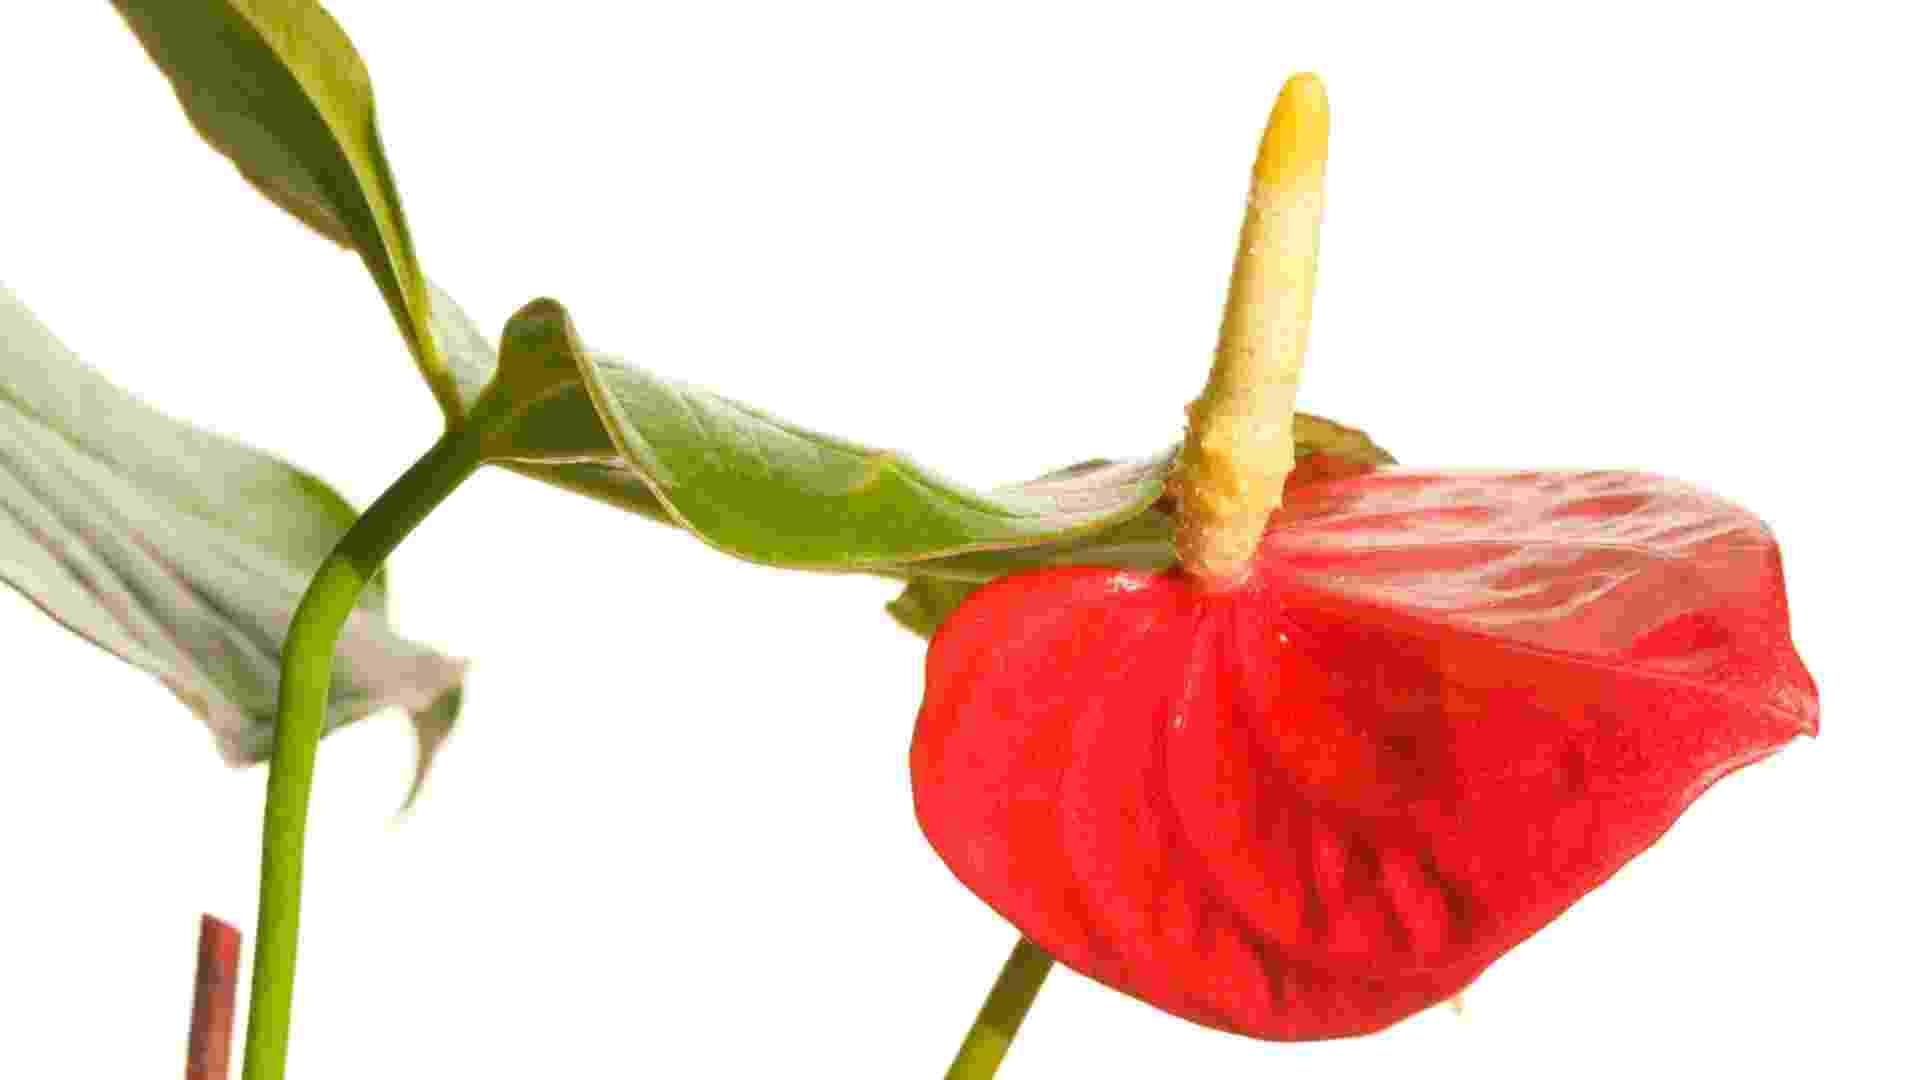 Comum em projetos de paisagismo, o antúrio (Anthurium andraeanum) apresenta boa durabilidade mesmo quando utilizado como flor de corte. Se bem cuidado, pode durar até duas semanas - até as variedades brancas, que são mais sensíveis - Getty Images